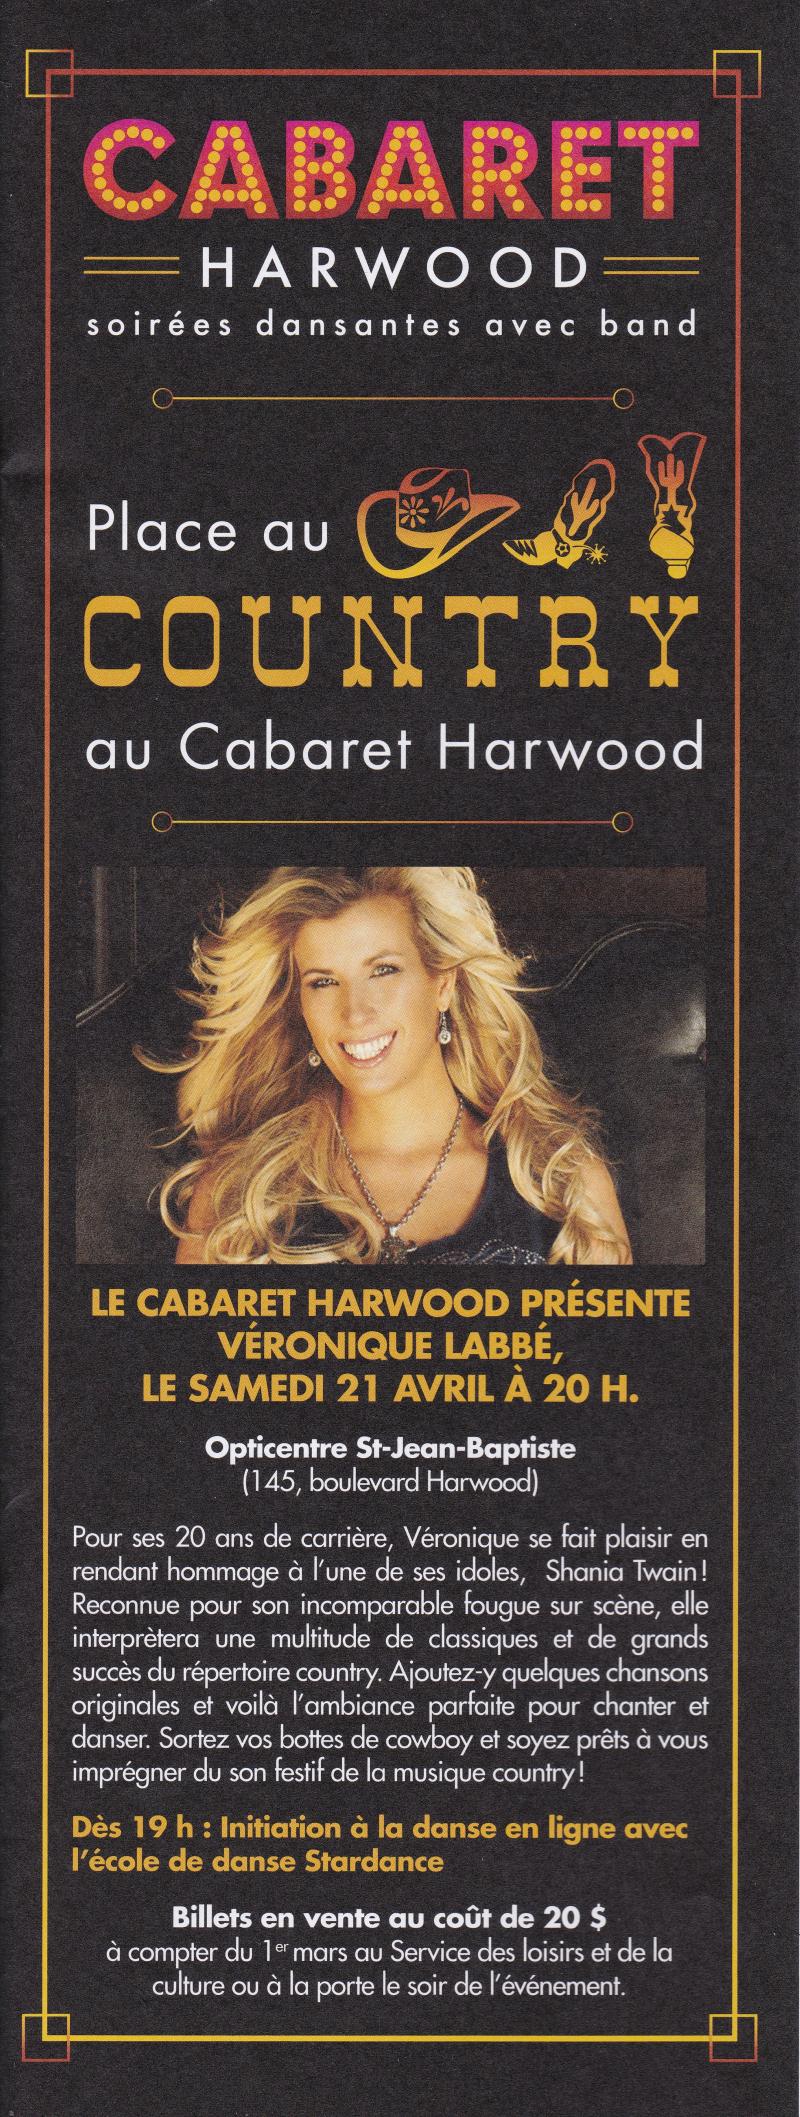 Cabaret Harwood  Soirée Country  présente Véronique Labbé  samedi 21 avril 2018